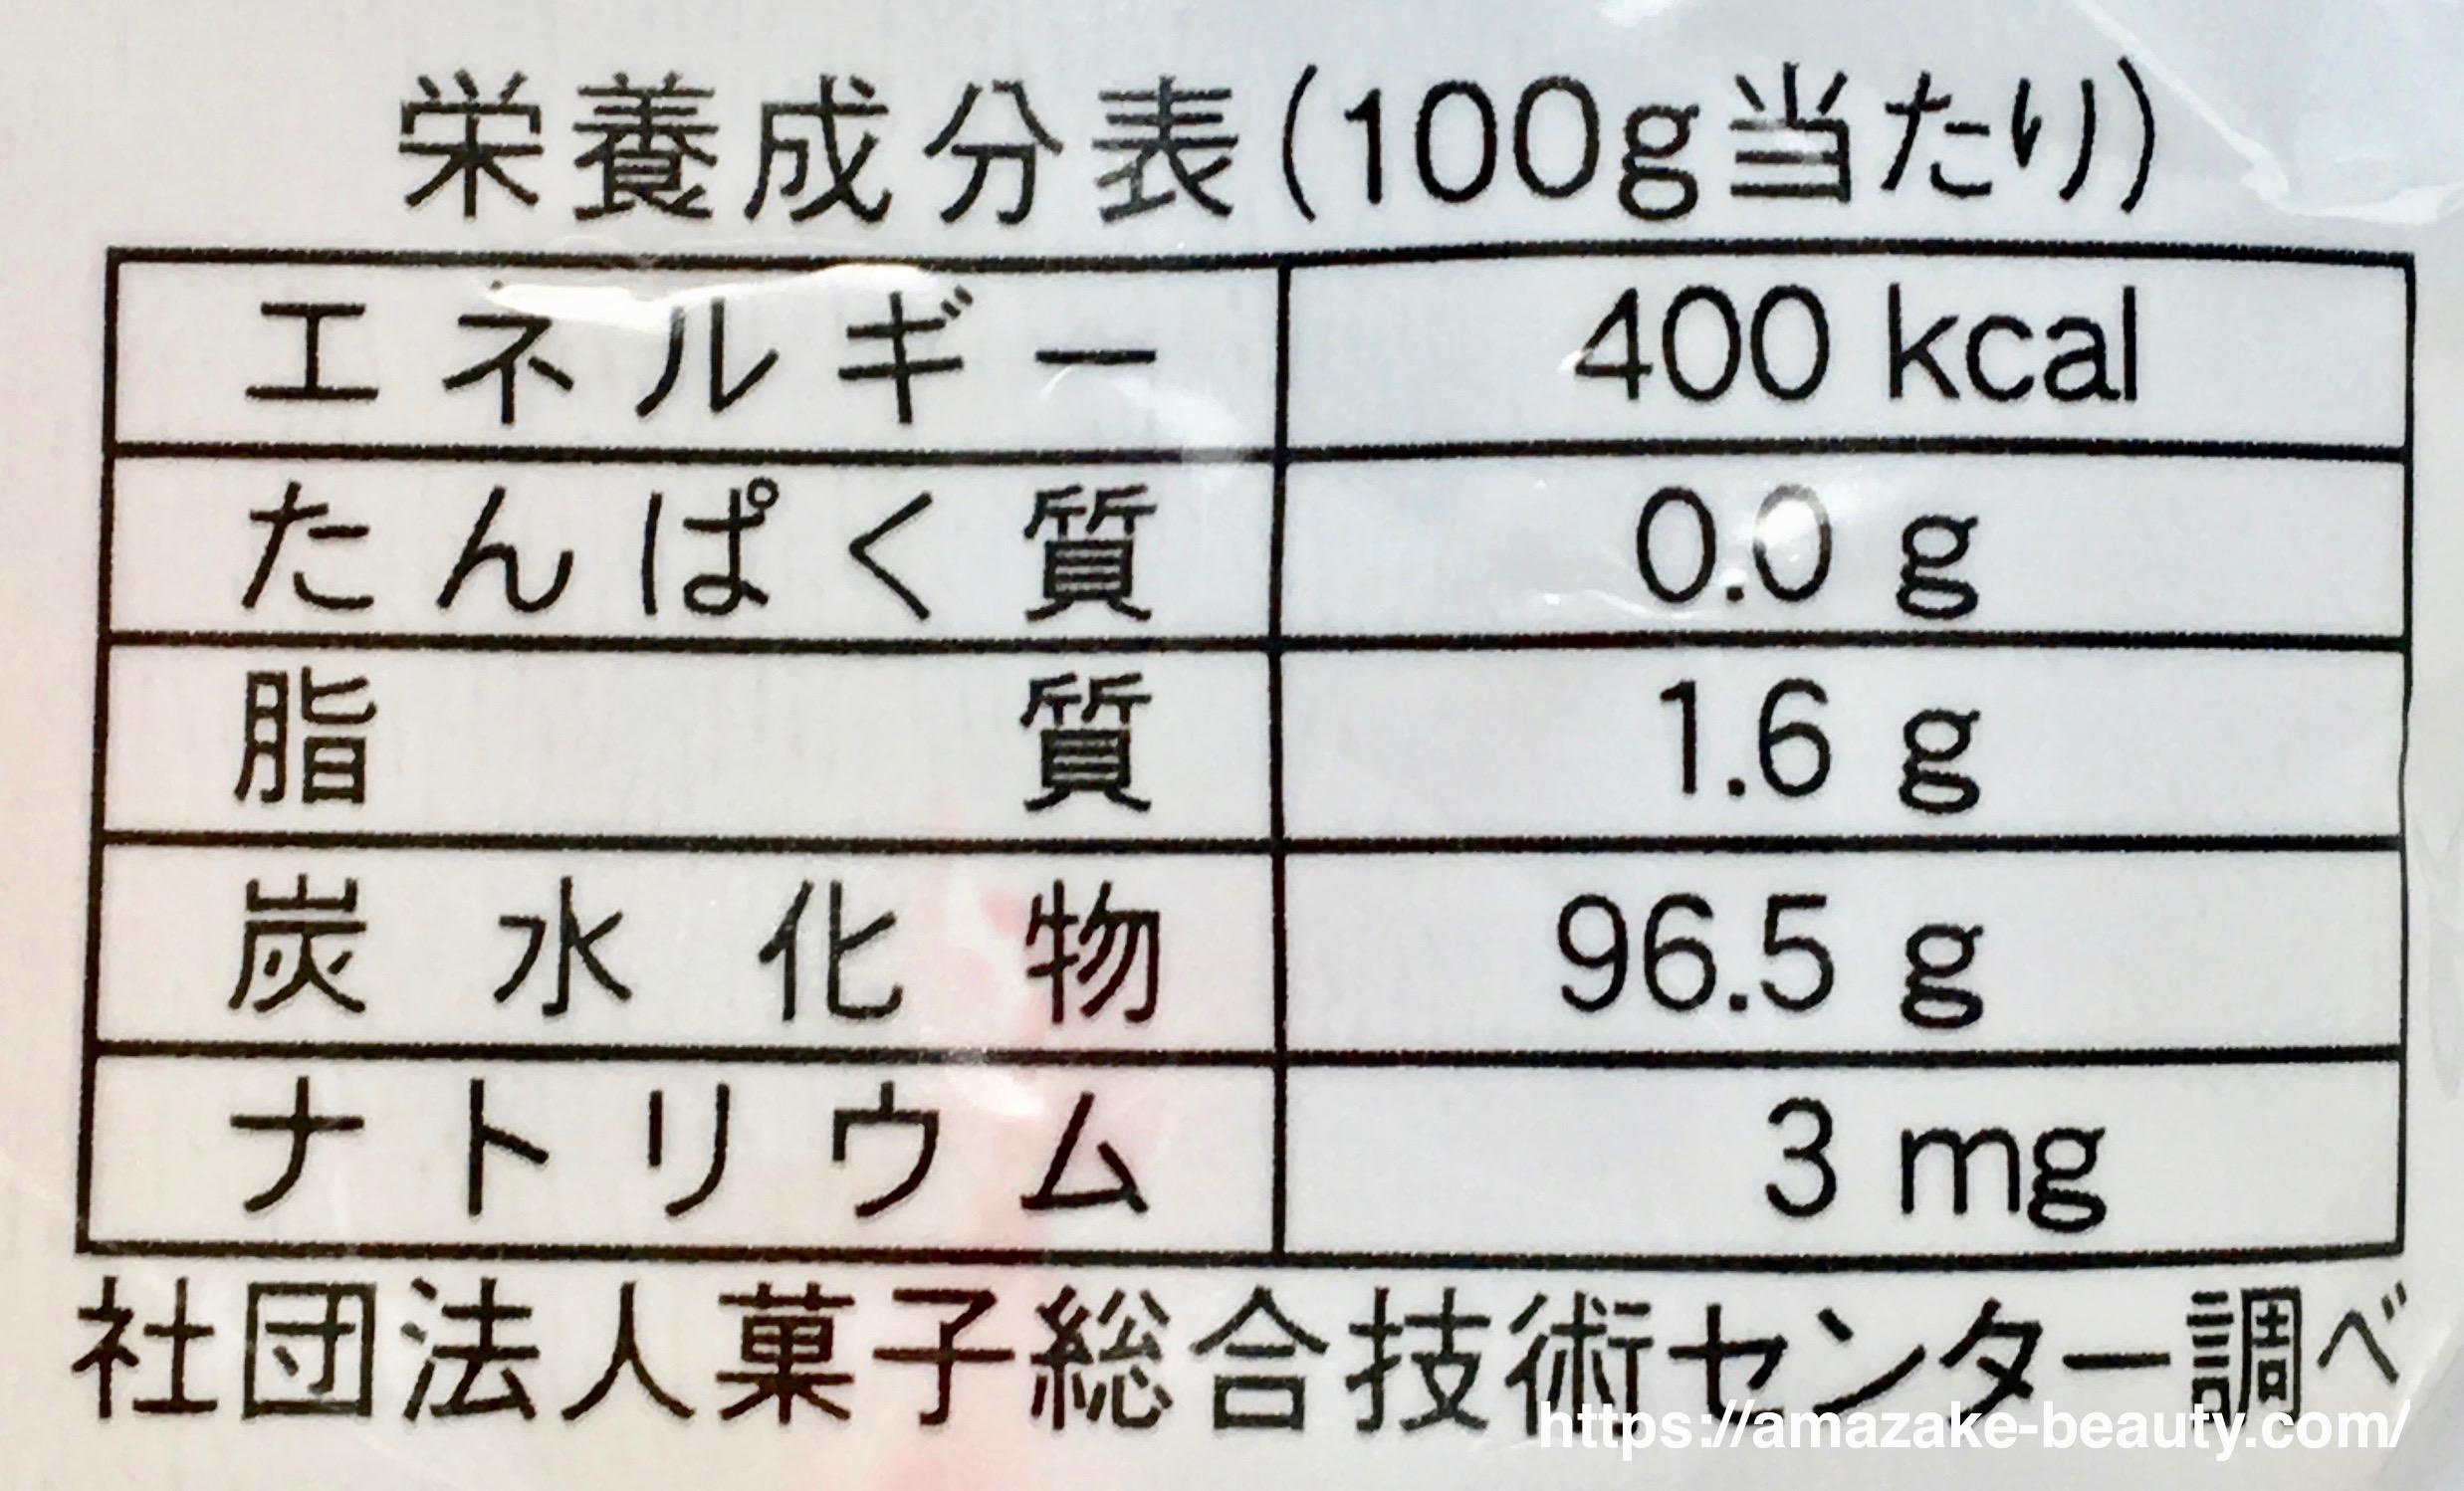 【甘酒甘味】マルエ製菓『酒あめ』(栄養成分表示)